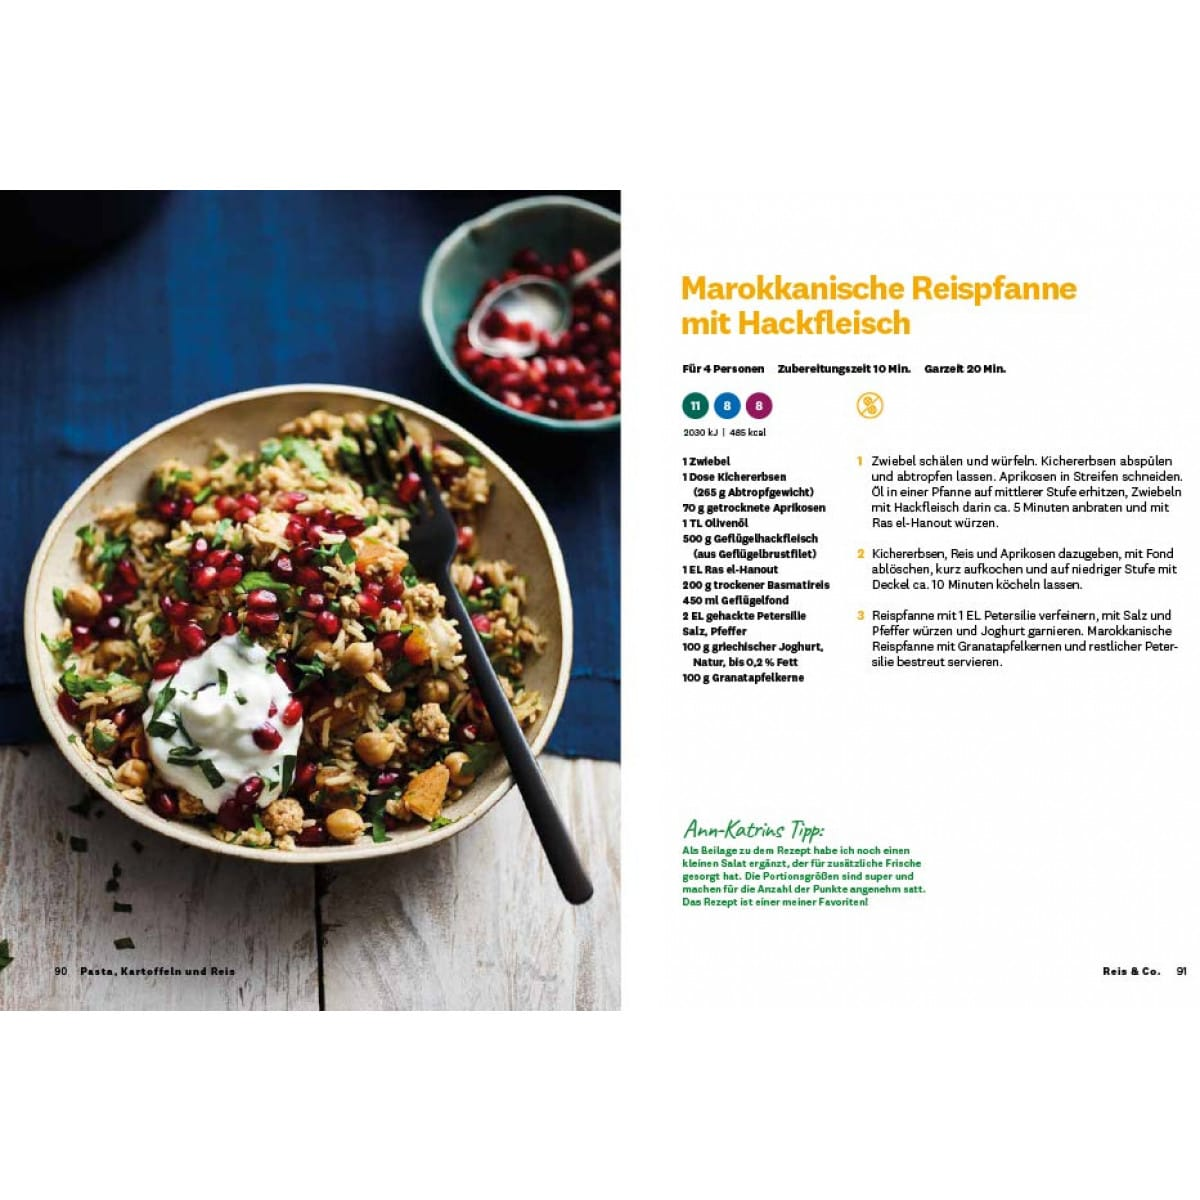 WW Kochbuch Pasta, Kartoffeln und Reis (56 Rezepte) 2